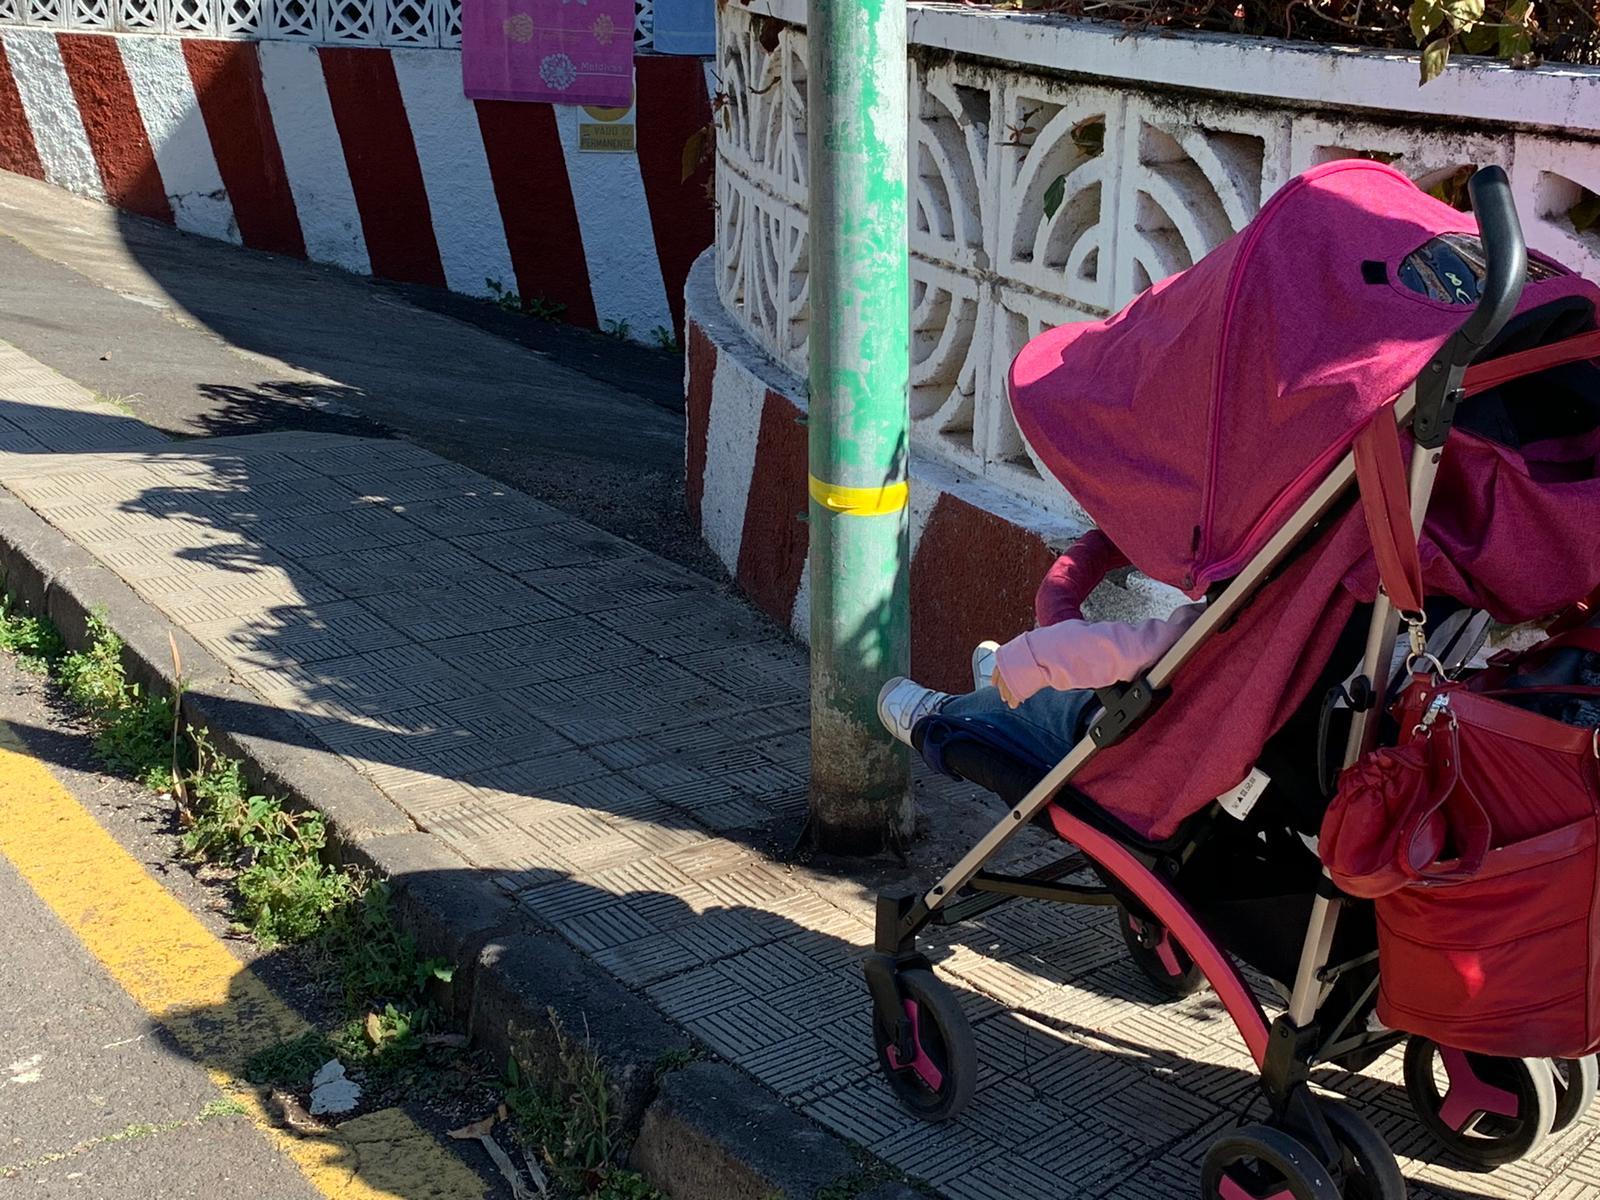 Ciudadanos exige al Ayuntamiento de Puerto de la Cruz que acondicione la calle Bélgica